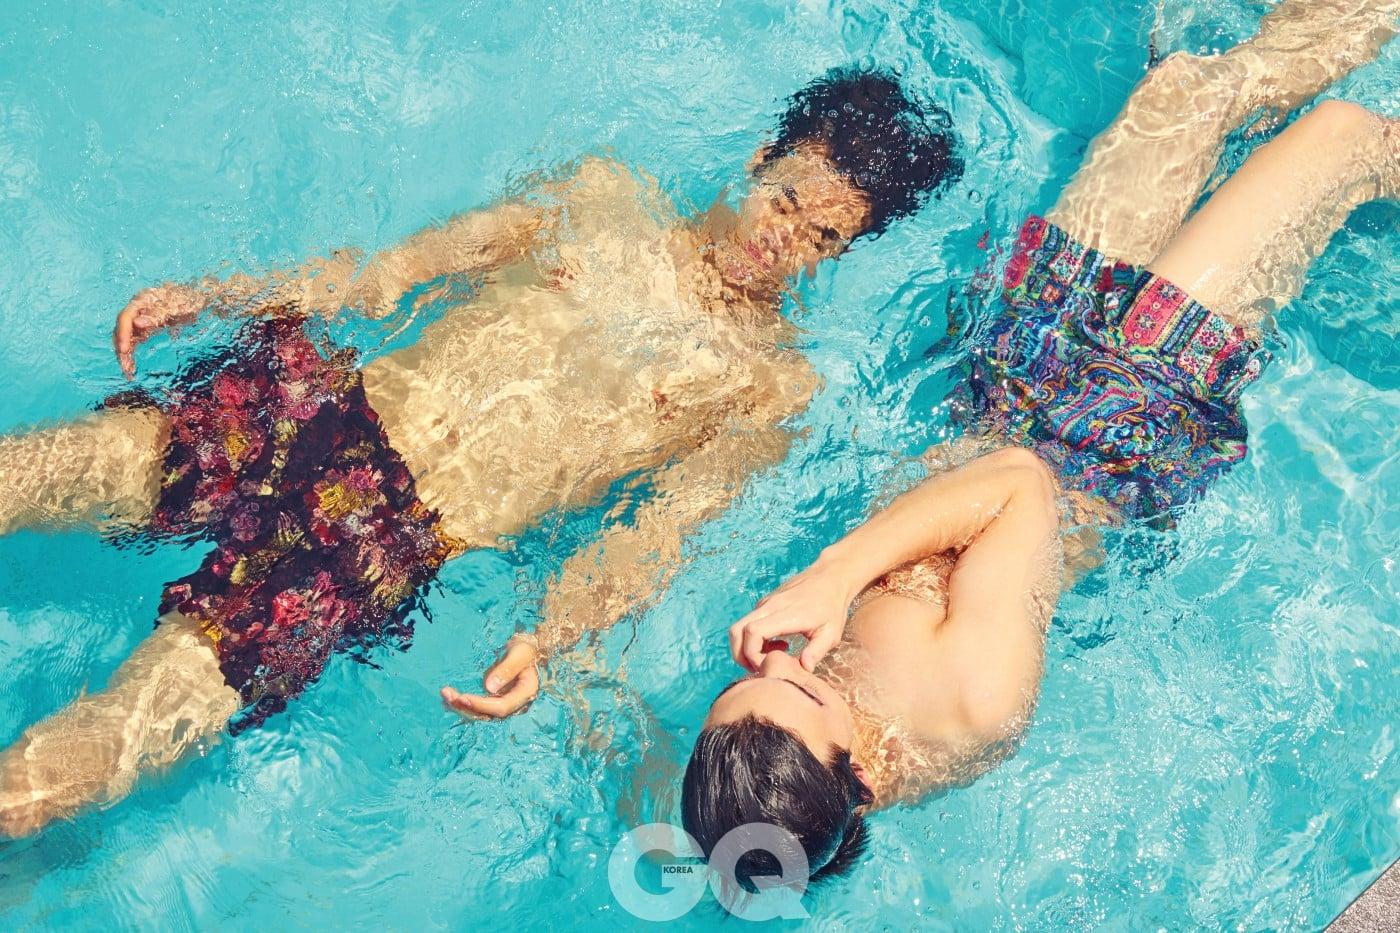 꽃무늬 수영복 가격 미정, 디올 옴므. 페이즐리 수영복 5만9천원, 자라 홈.